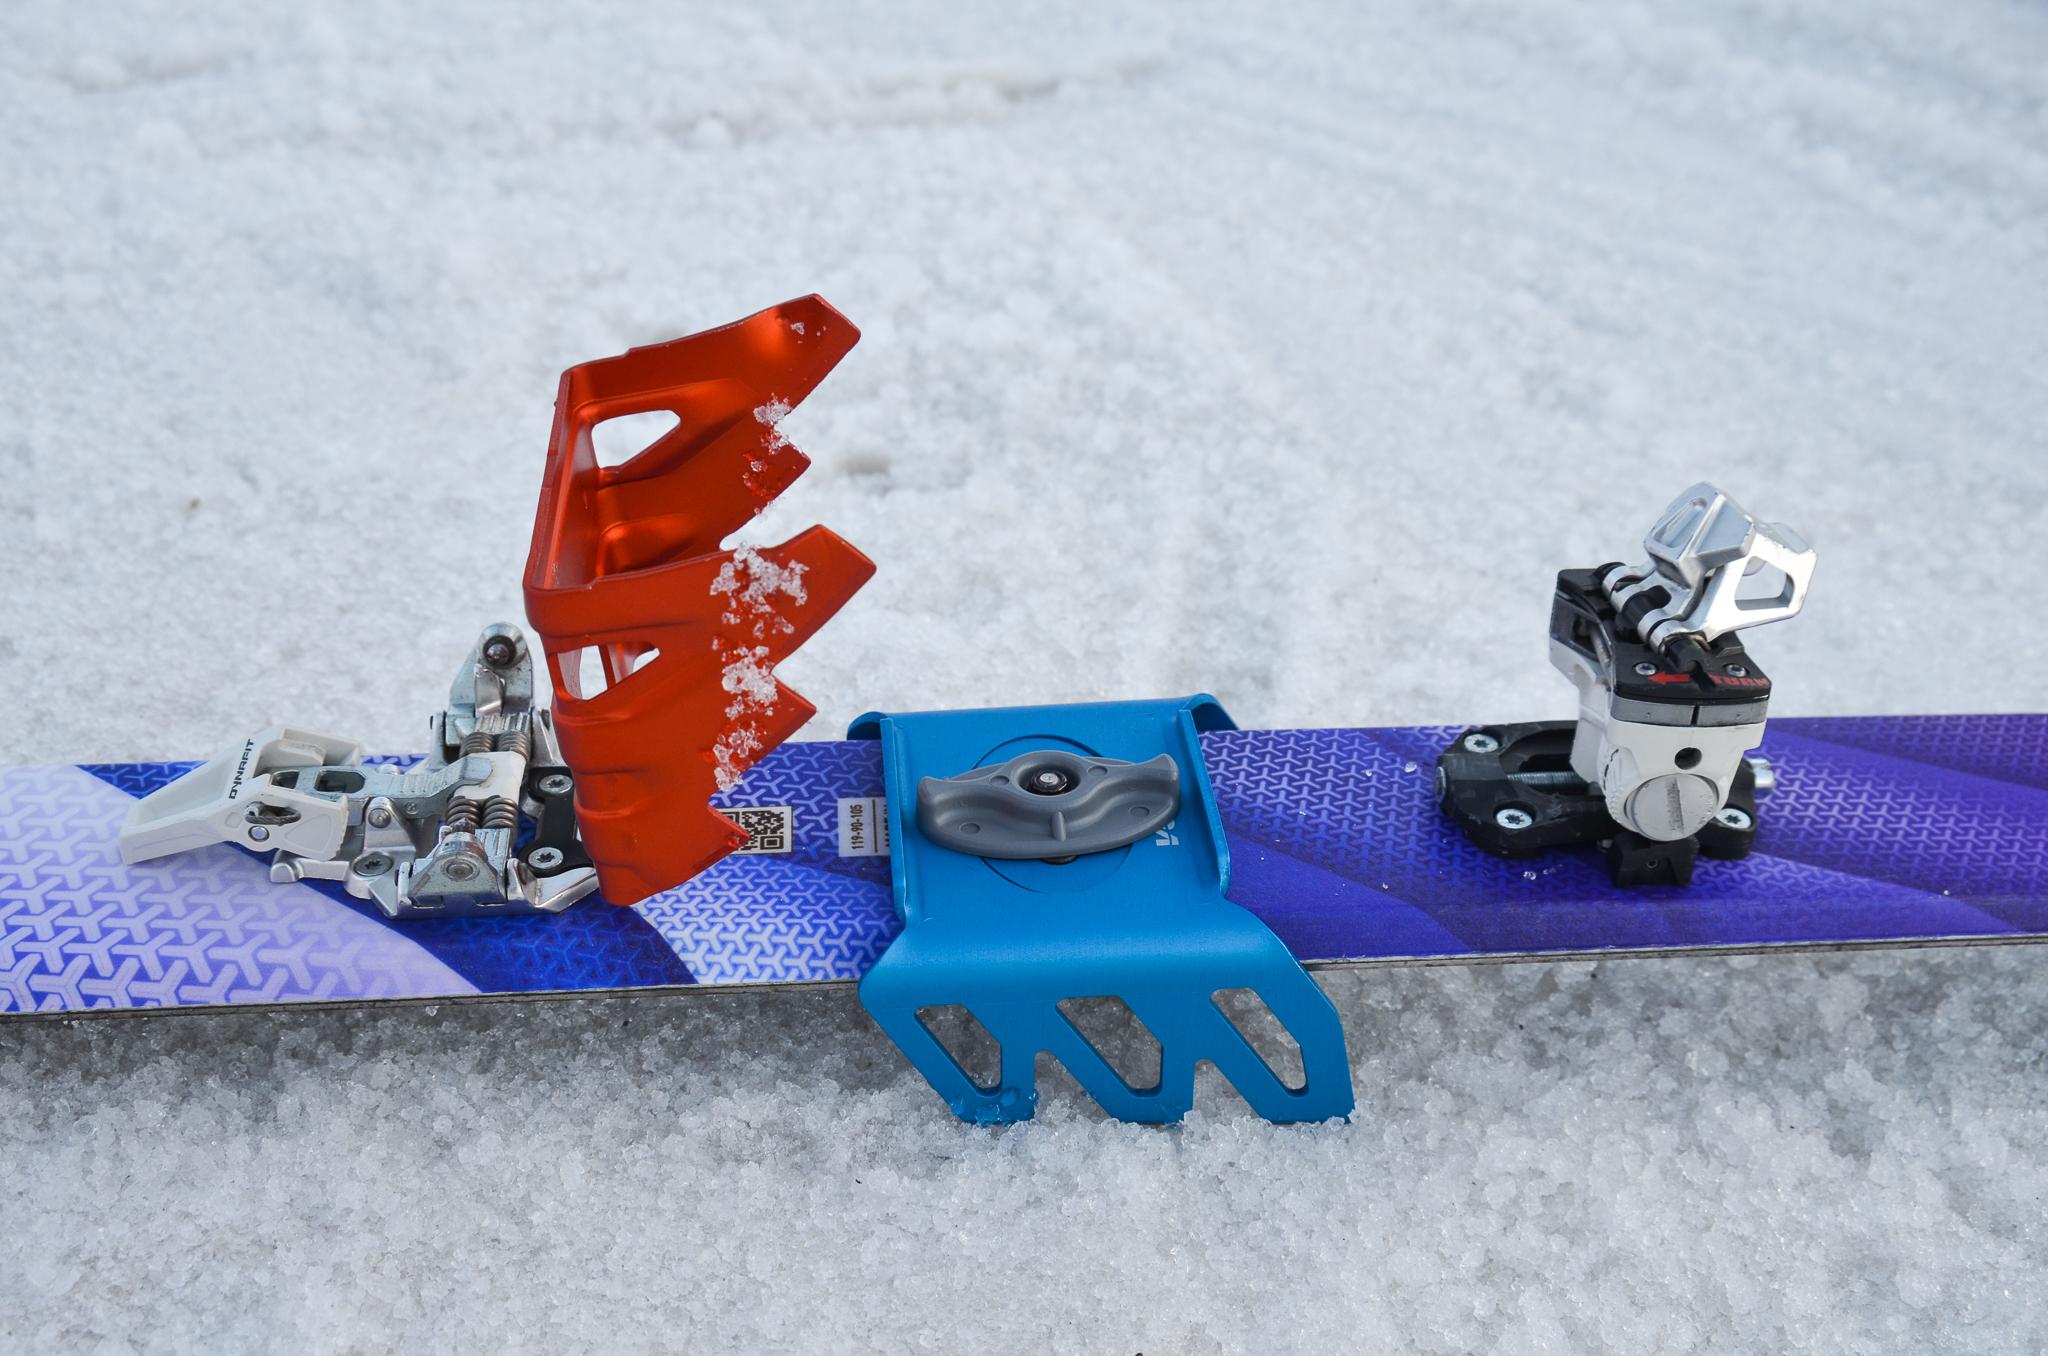 voile_ski_crampons_fixed_vs_pivot